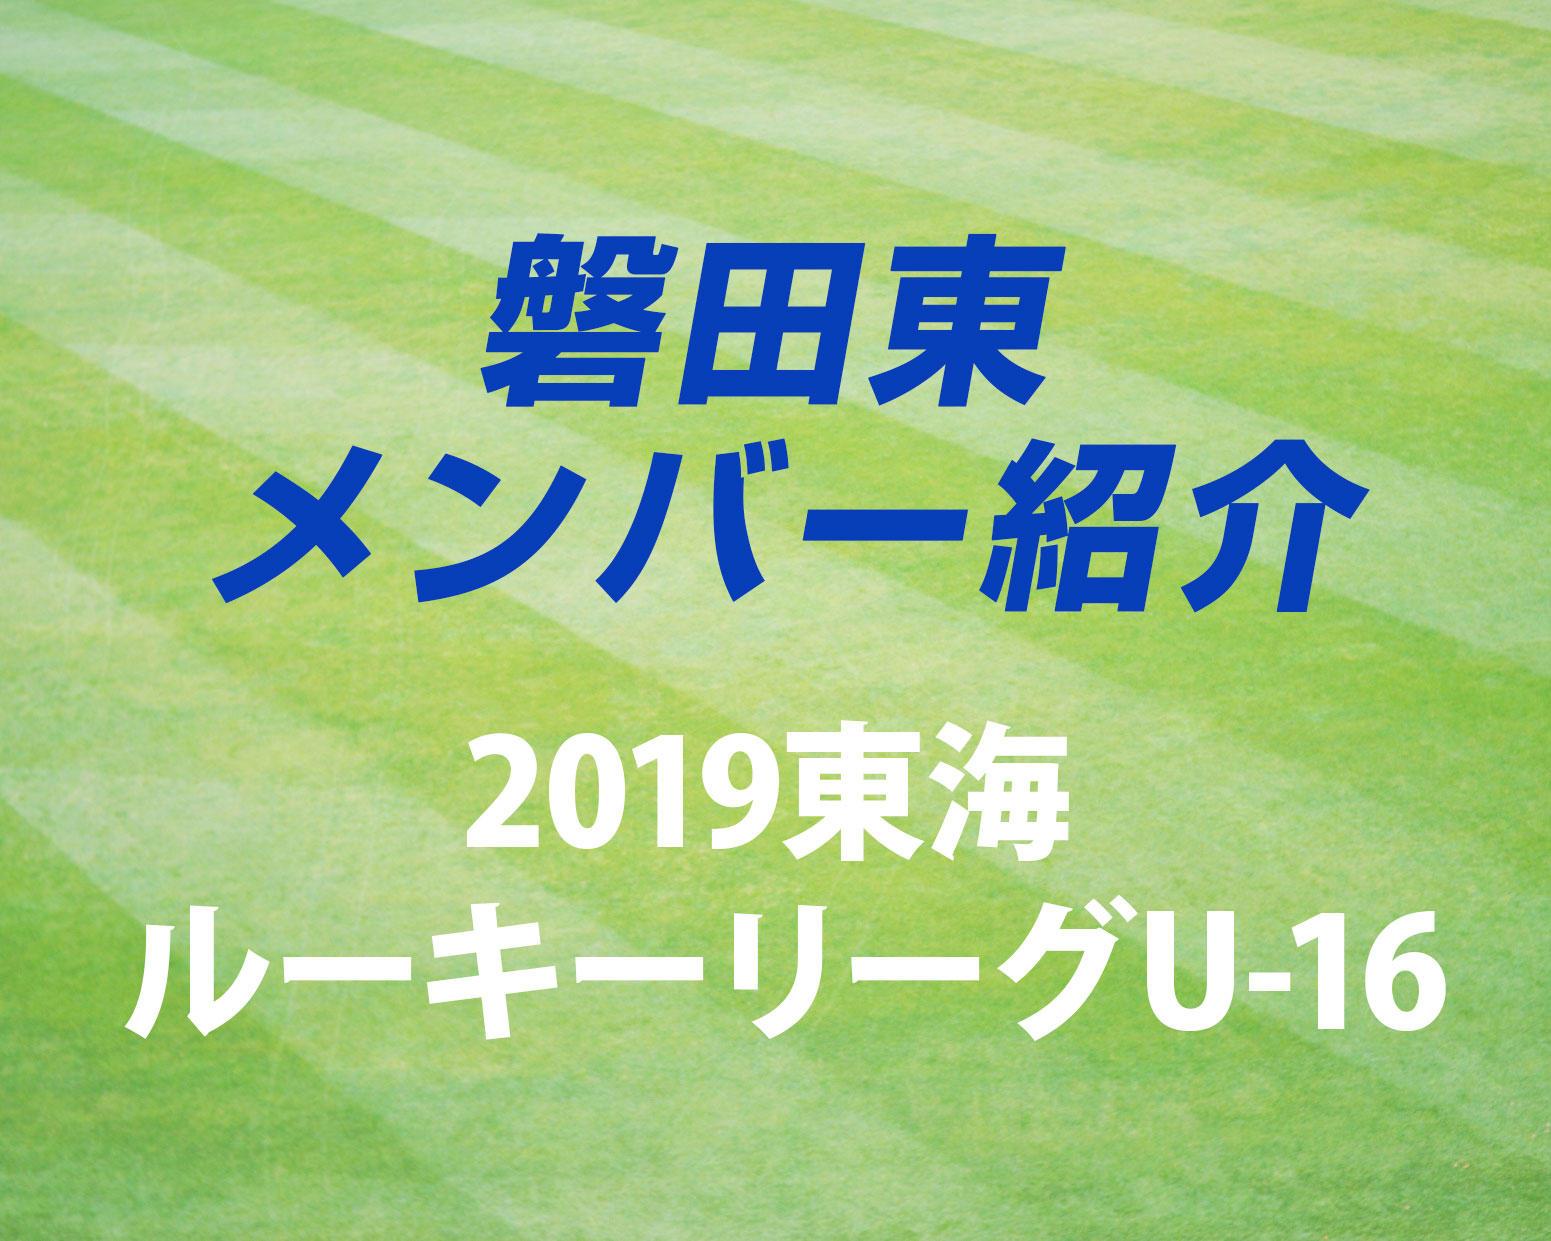 静岡の強豪・磐田東高校サッカー部のメンバー紹介!(2019 東海ルーキーリーグU-16)